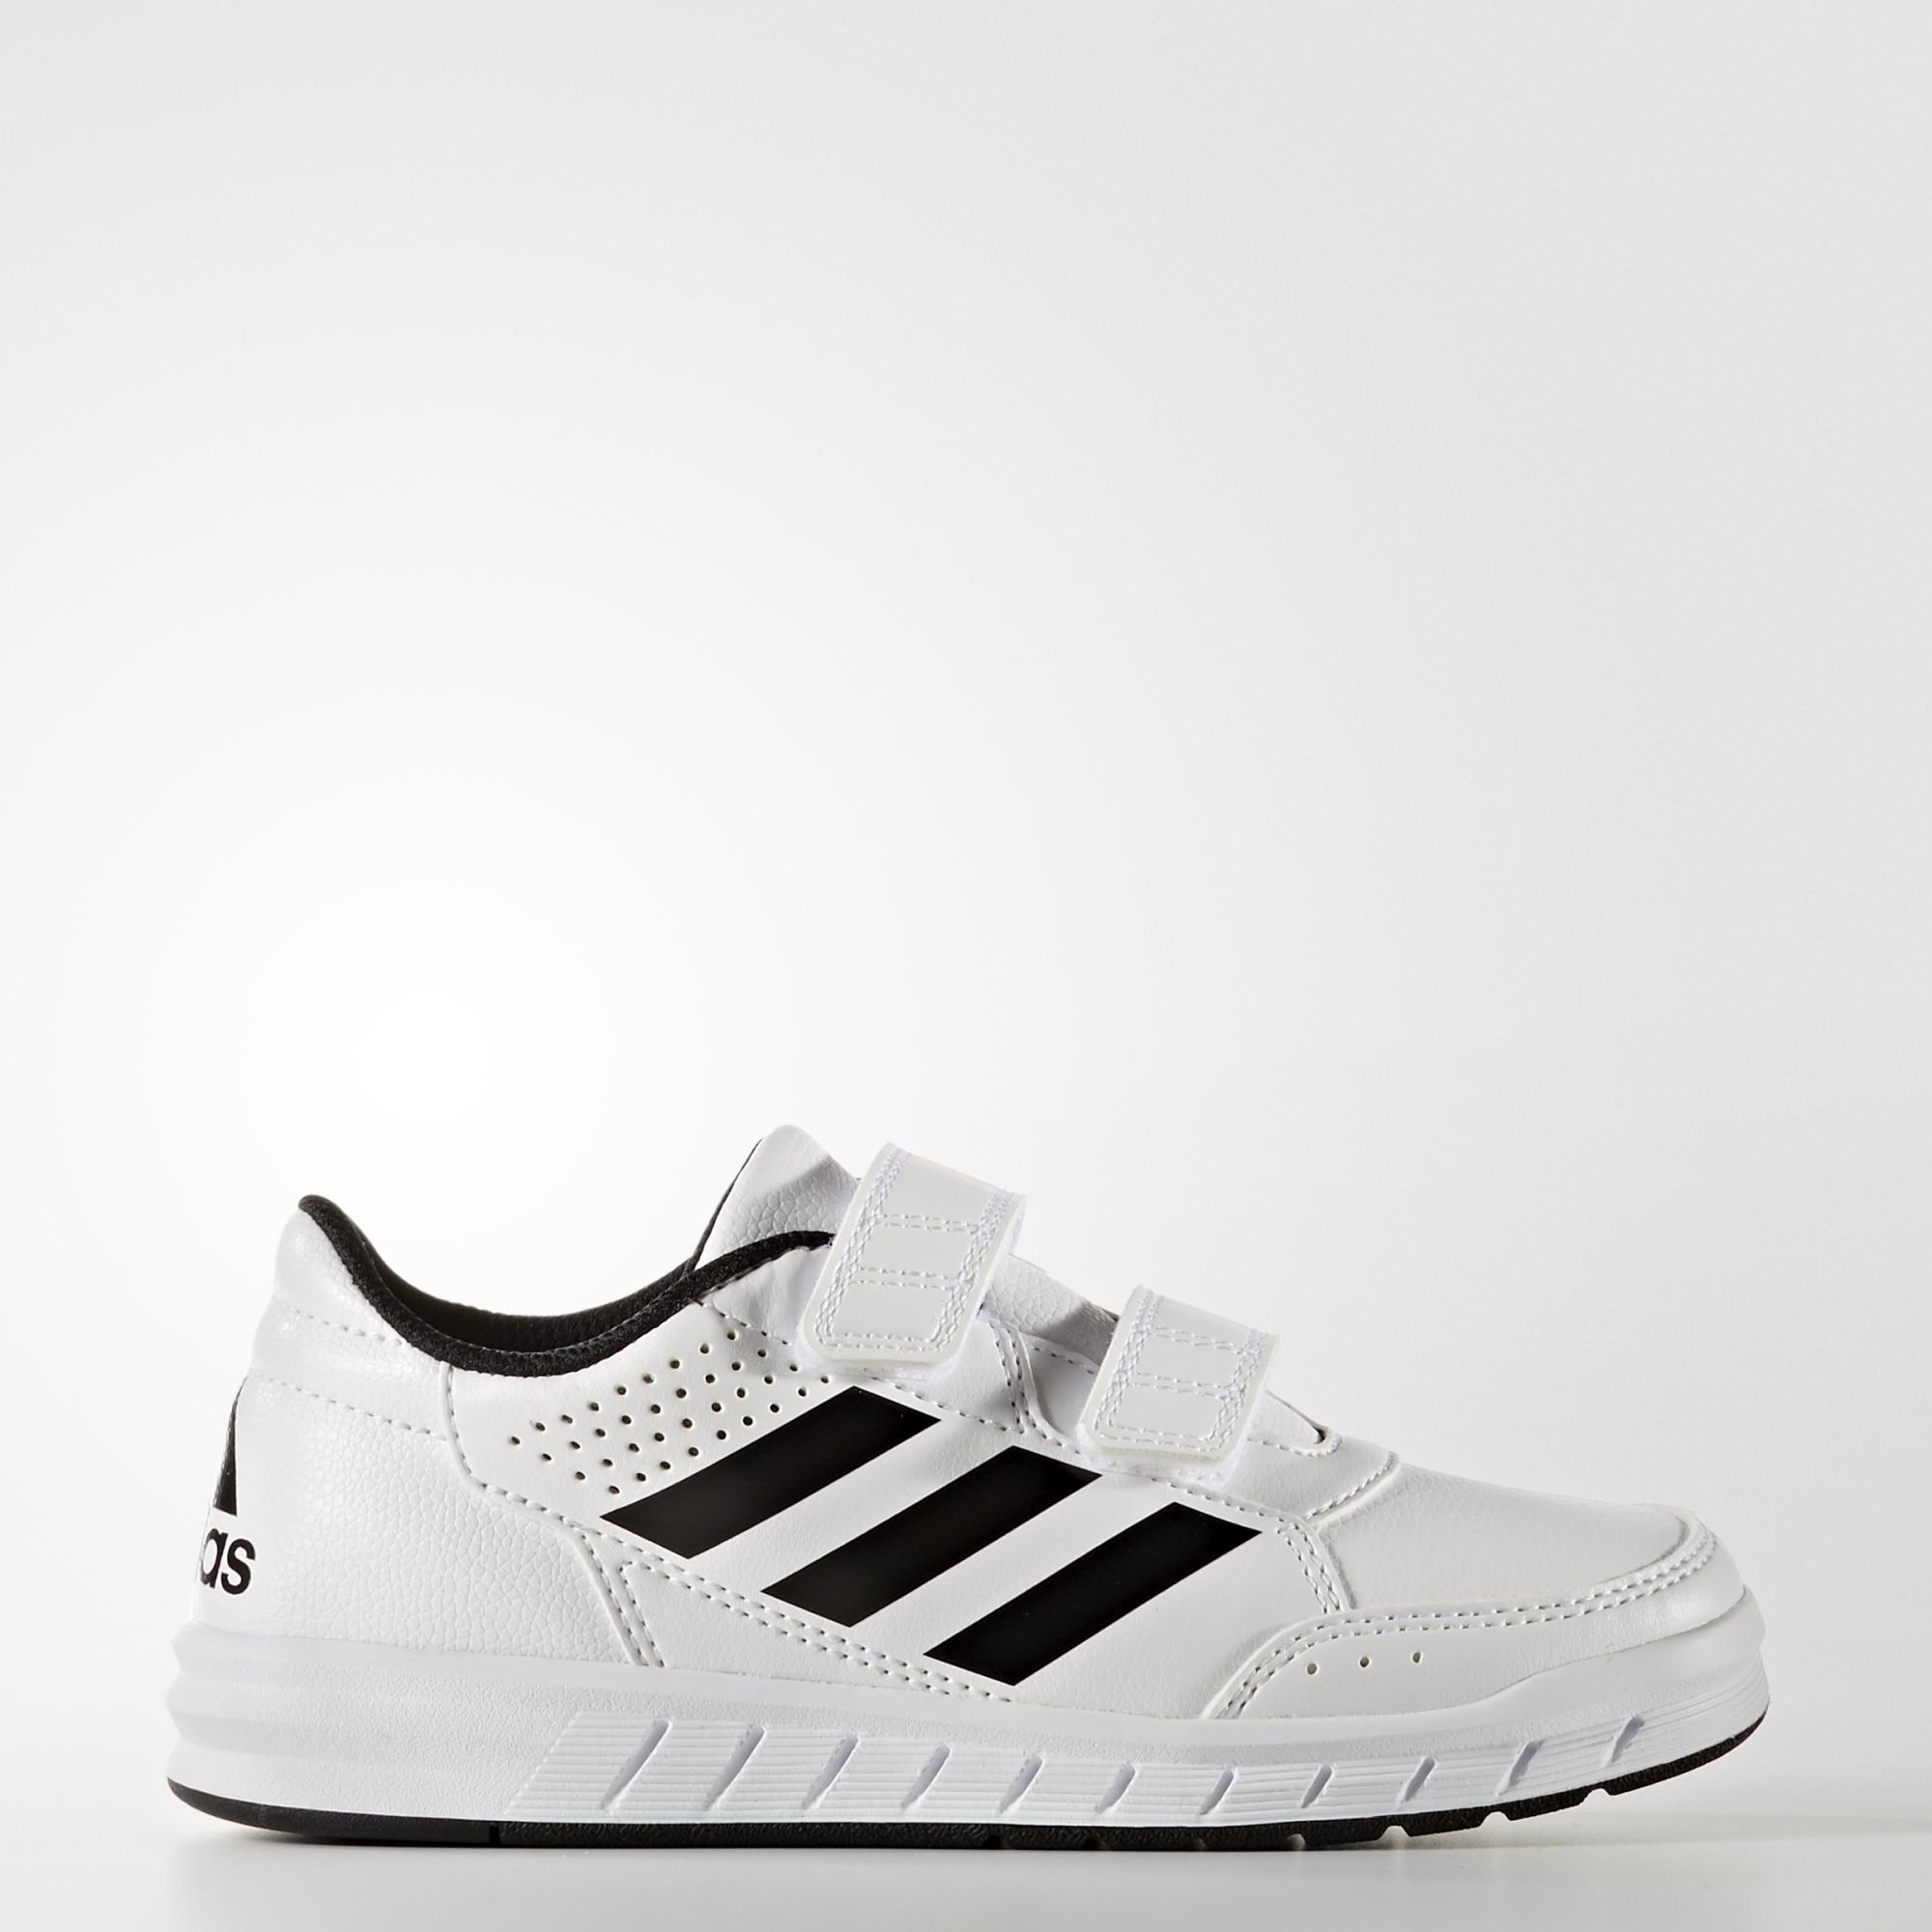 Chaussures junior adidas AltaSport |